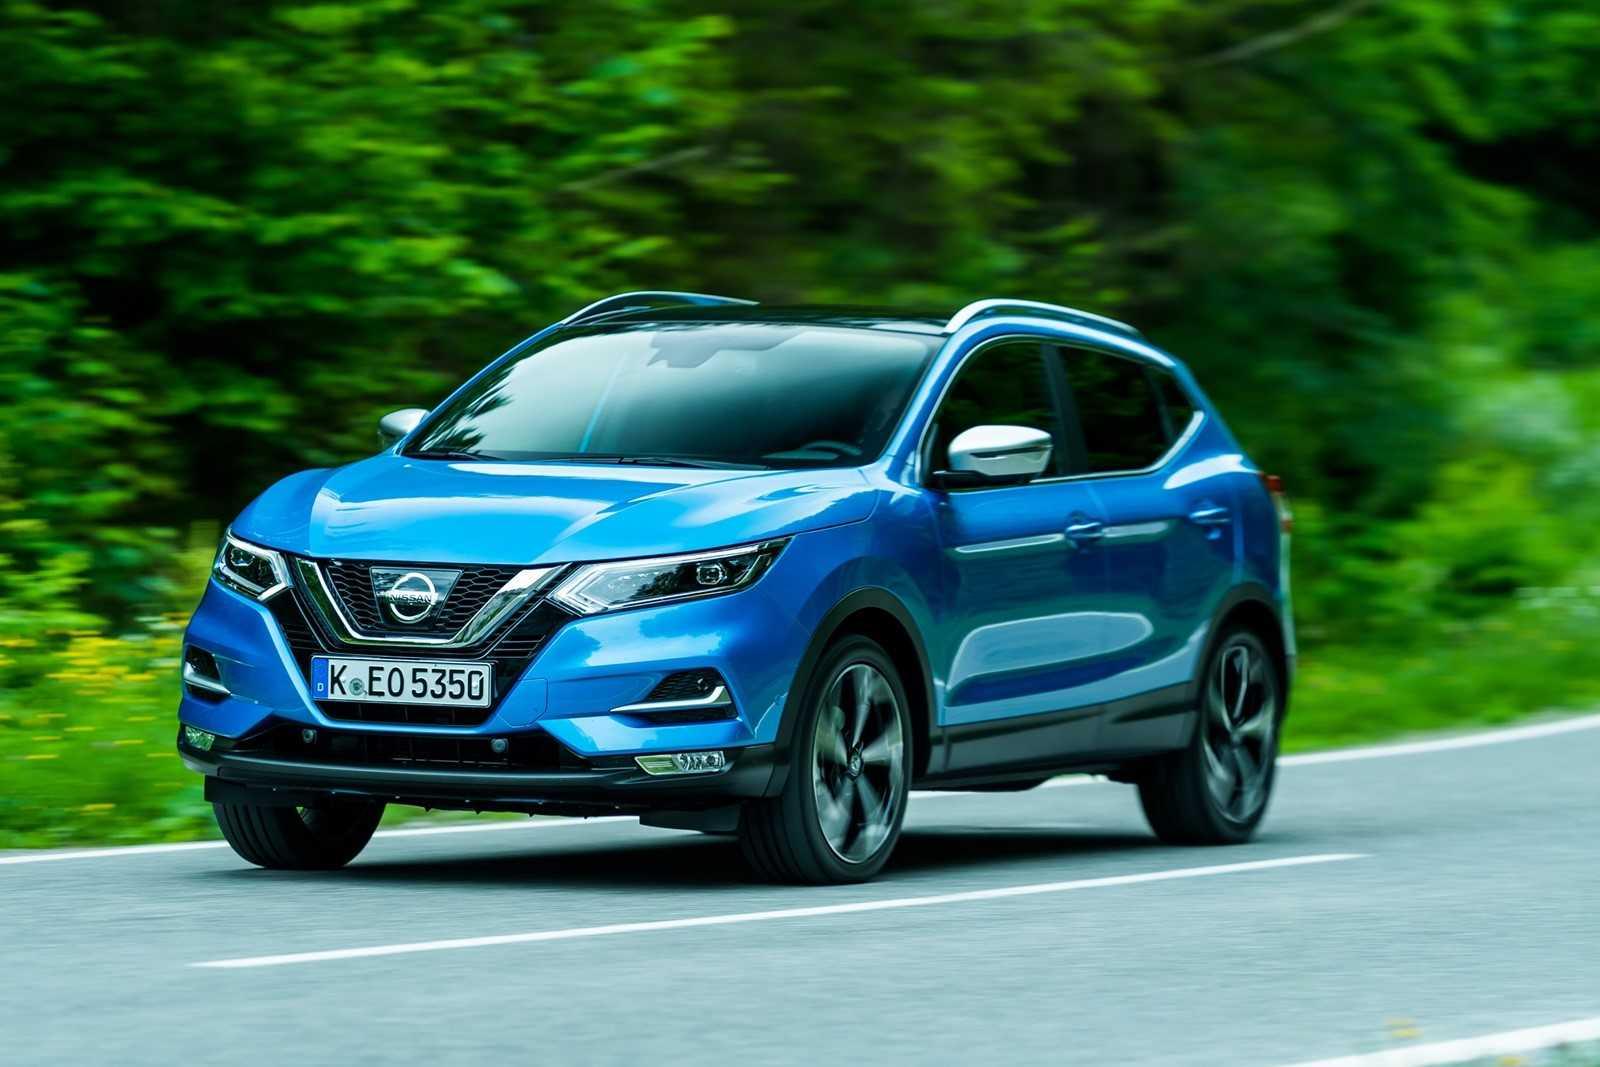 Nissan Qashqai 2018 рестайлинг перемены в дизайне Изменения внутри салона Двигатель и коробка передач автопилот